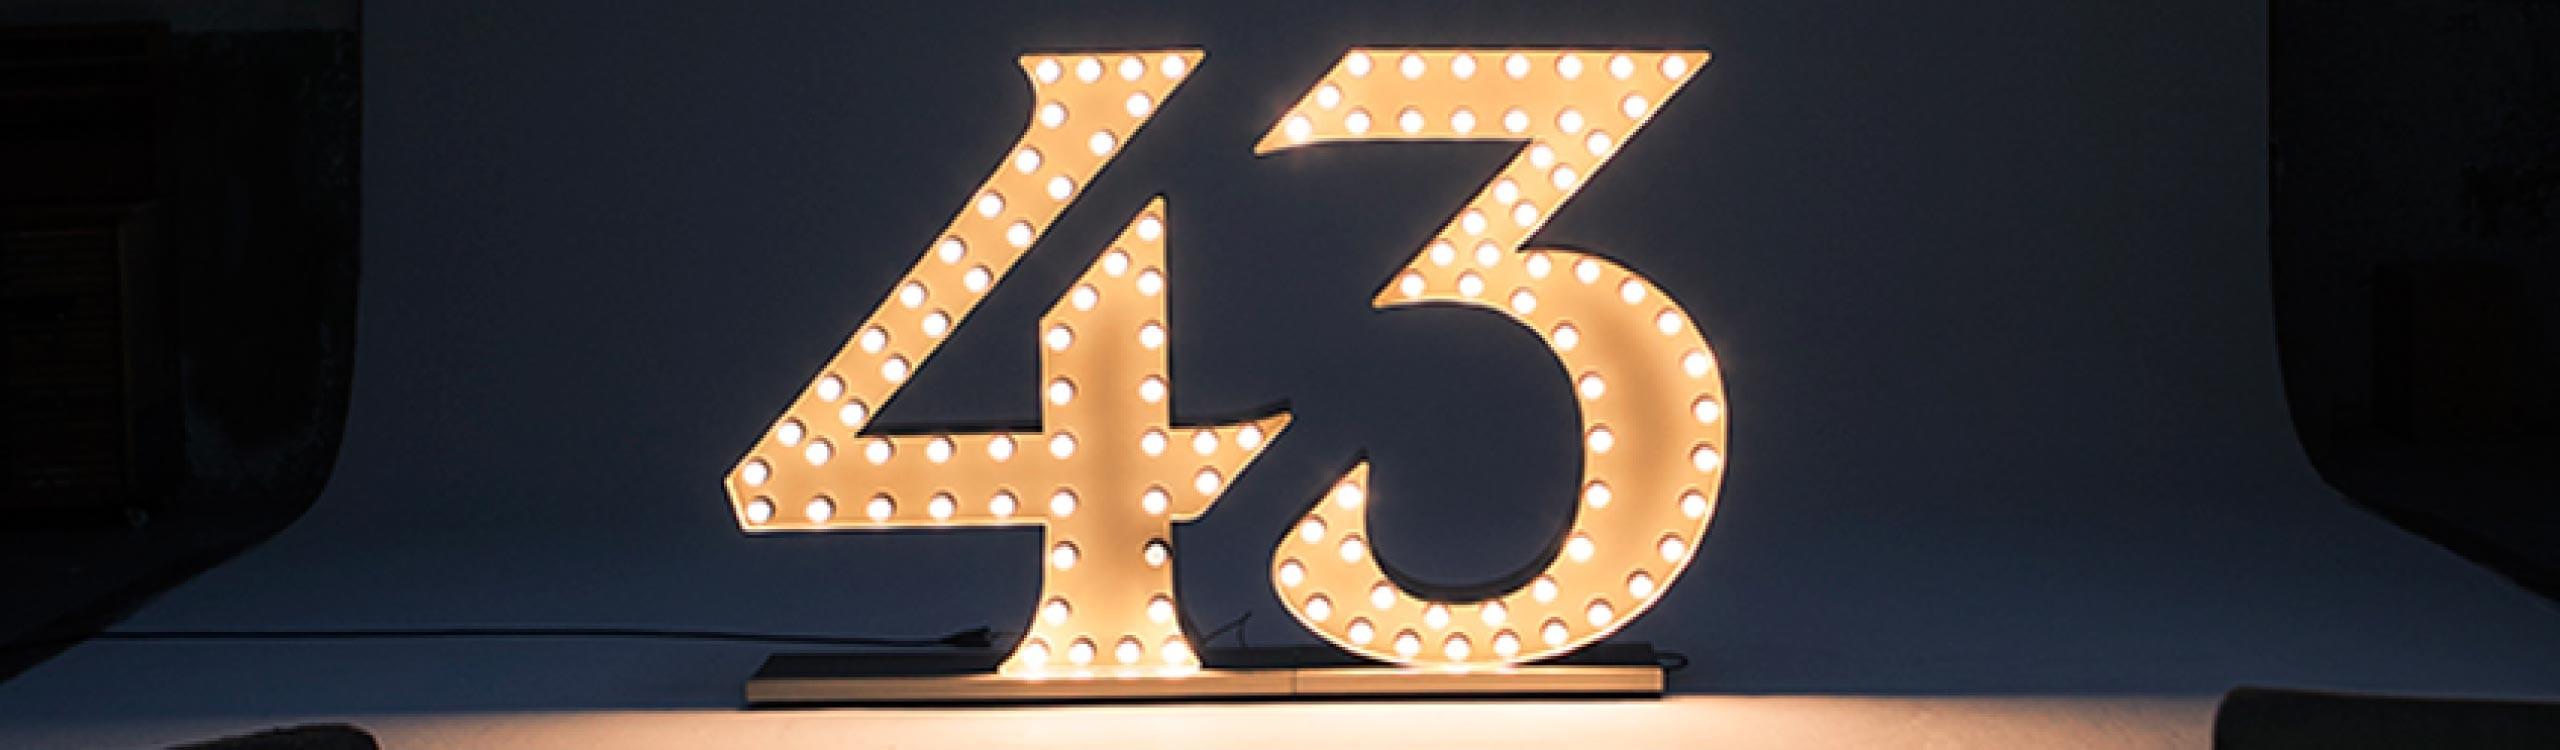 generacion-43-mis-gafas-de-pasta-destacado